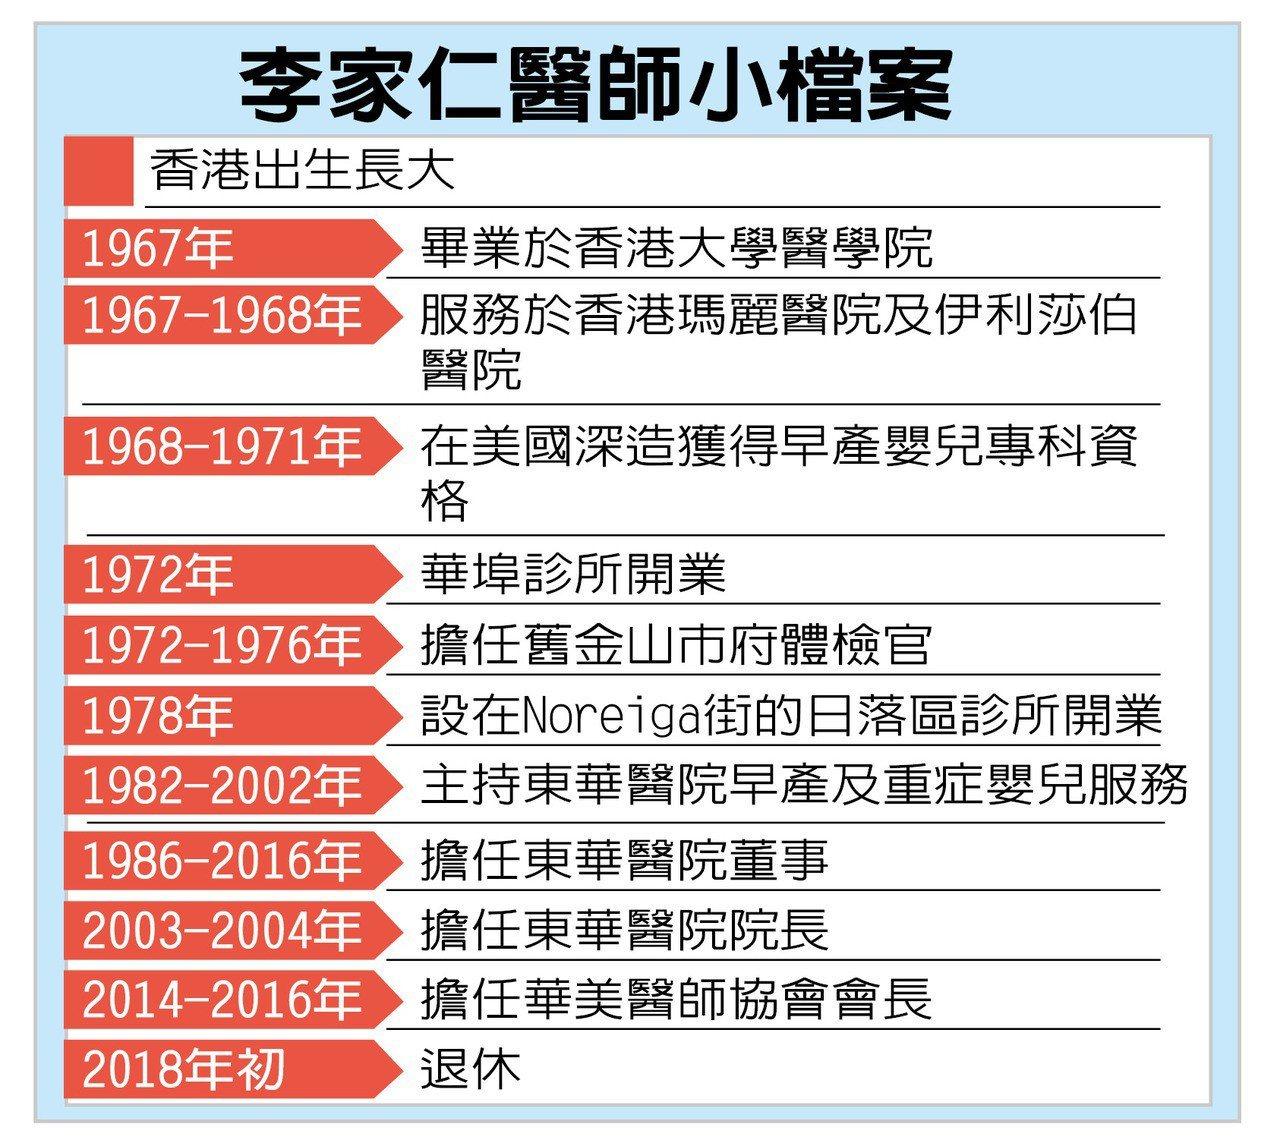 李家仁醫師小檔案。 世界日報記者蕭金廣/制表